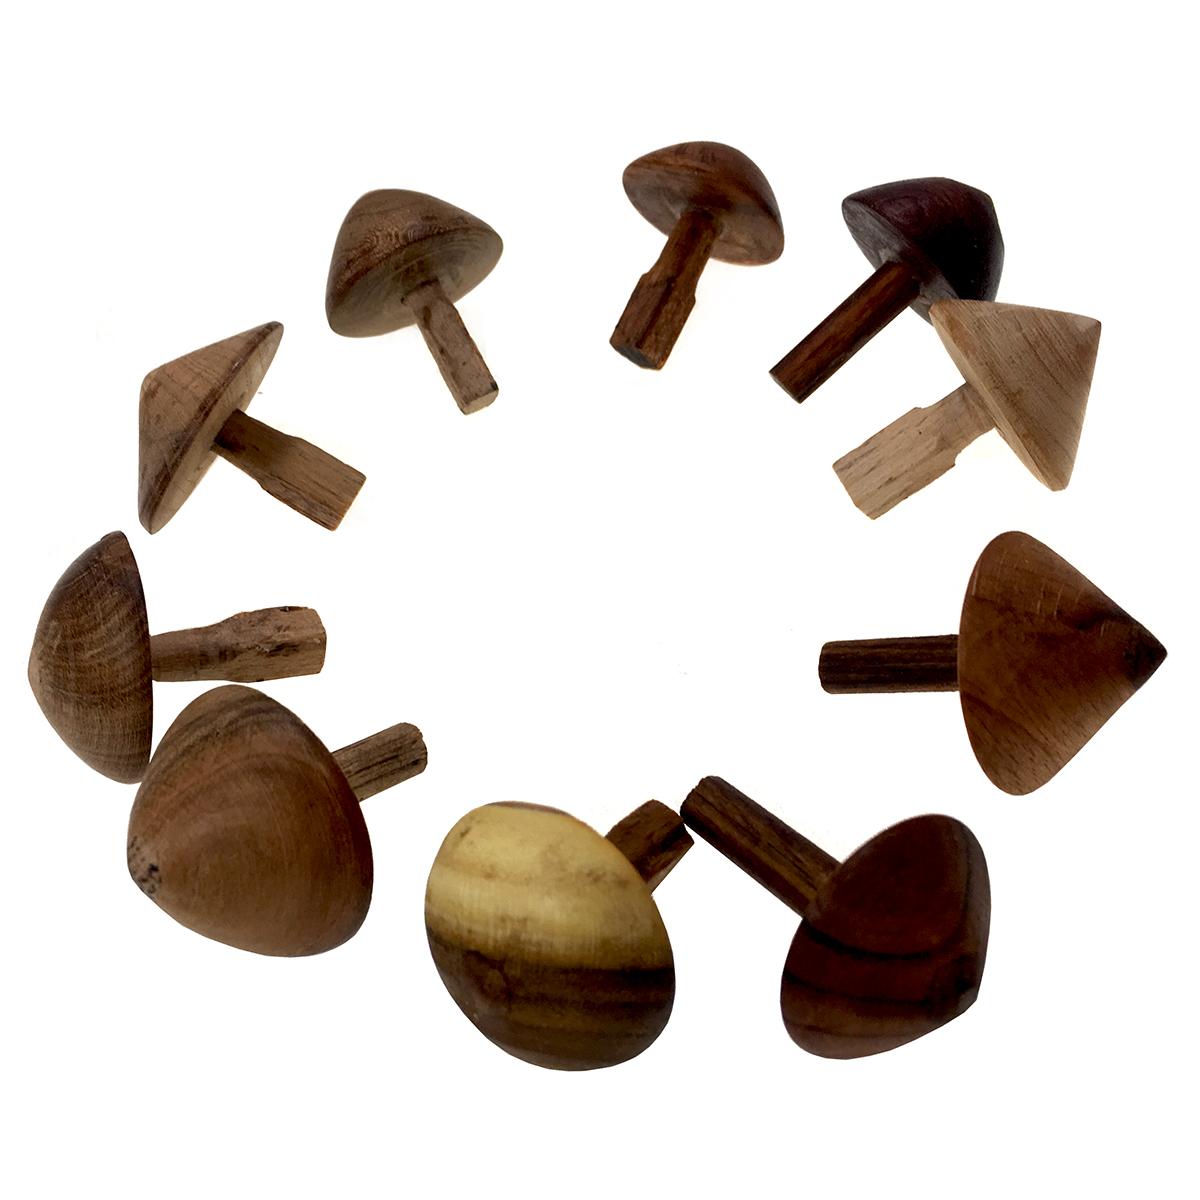 فرفره چوبی مدل cncart056 بسته 10 عددی